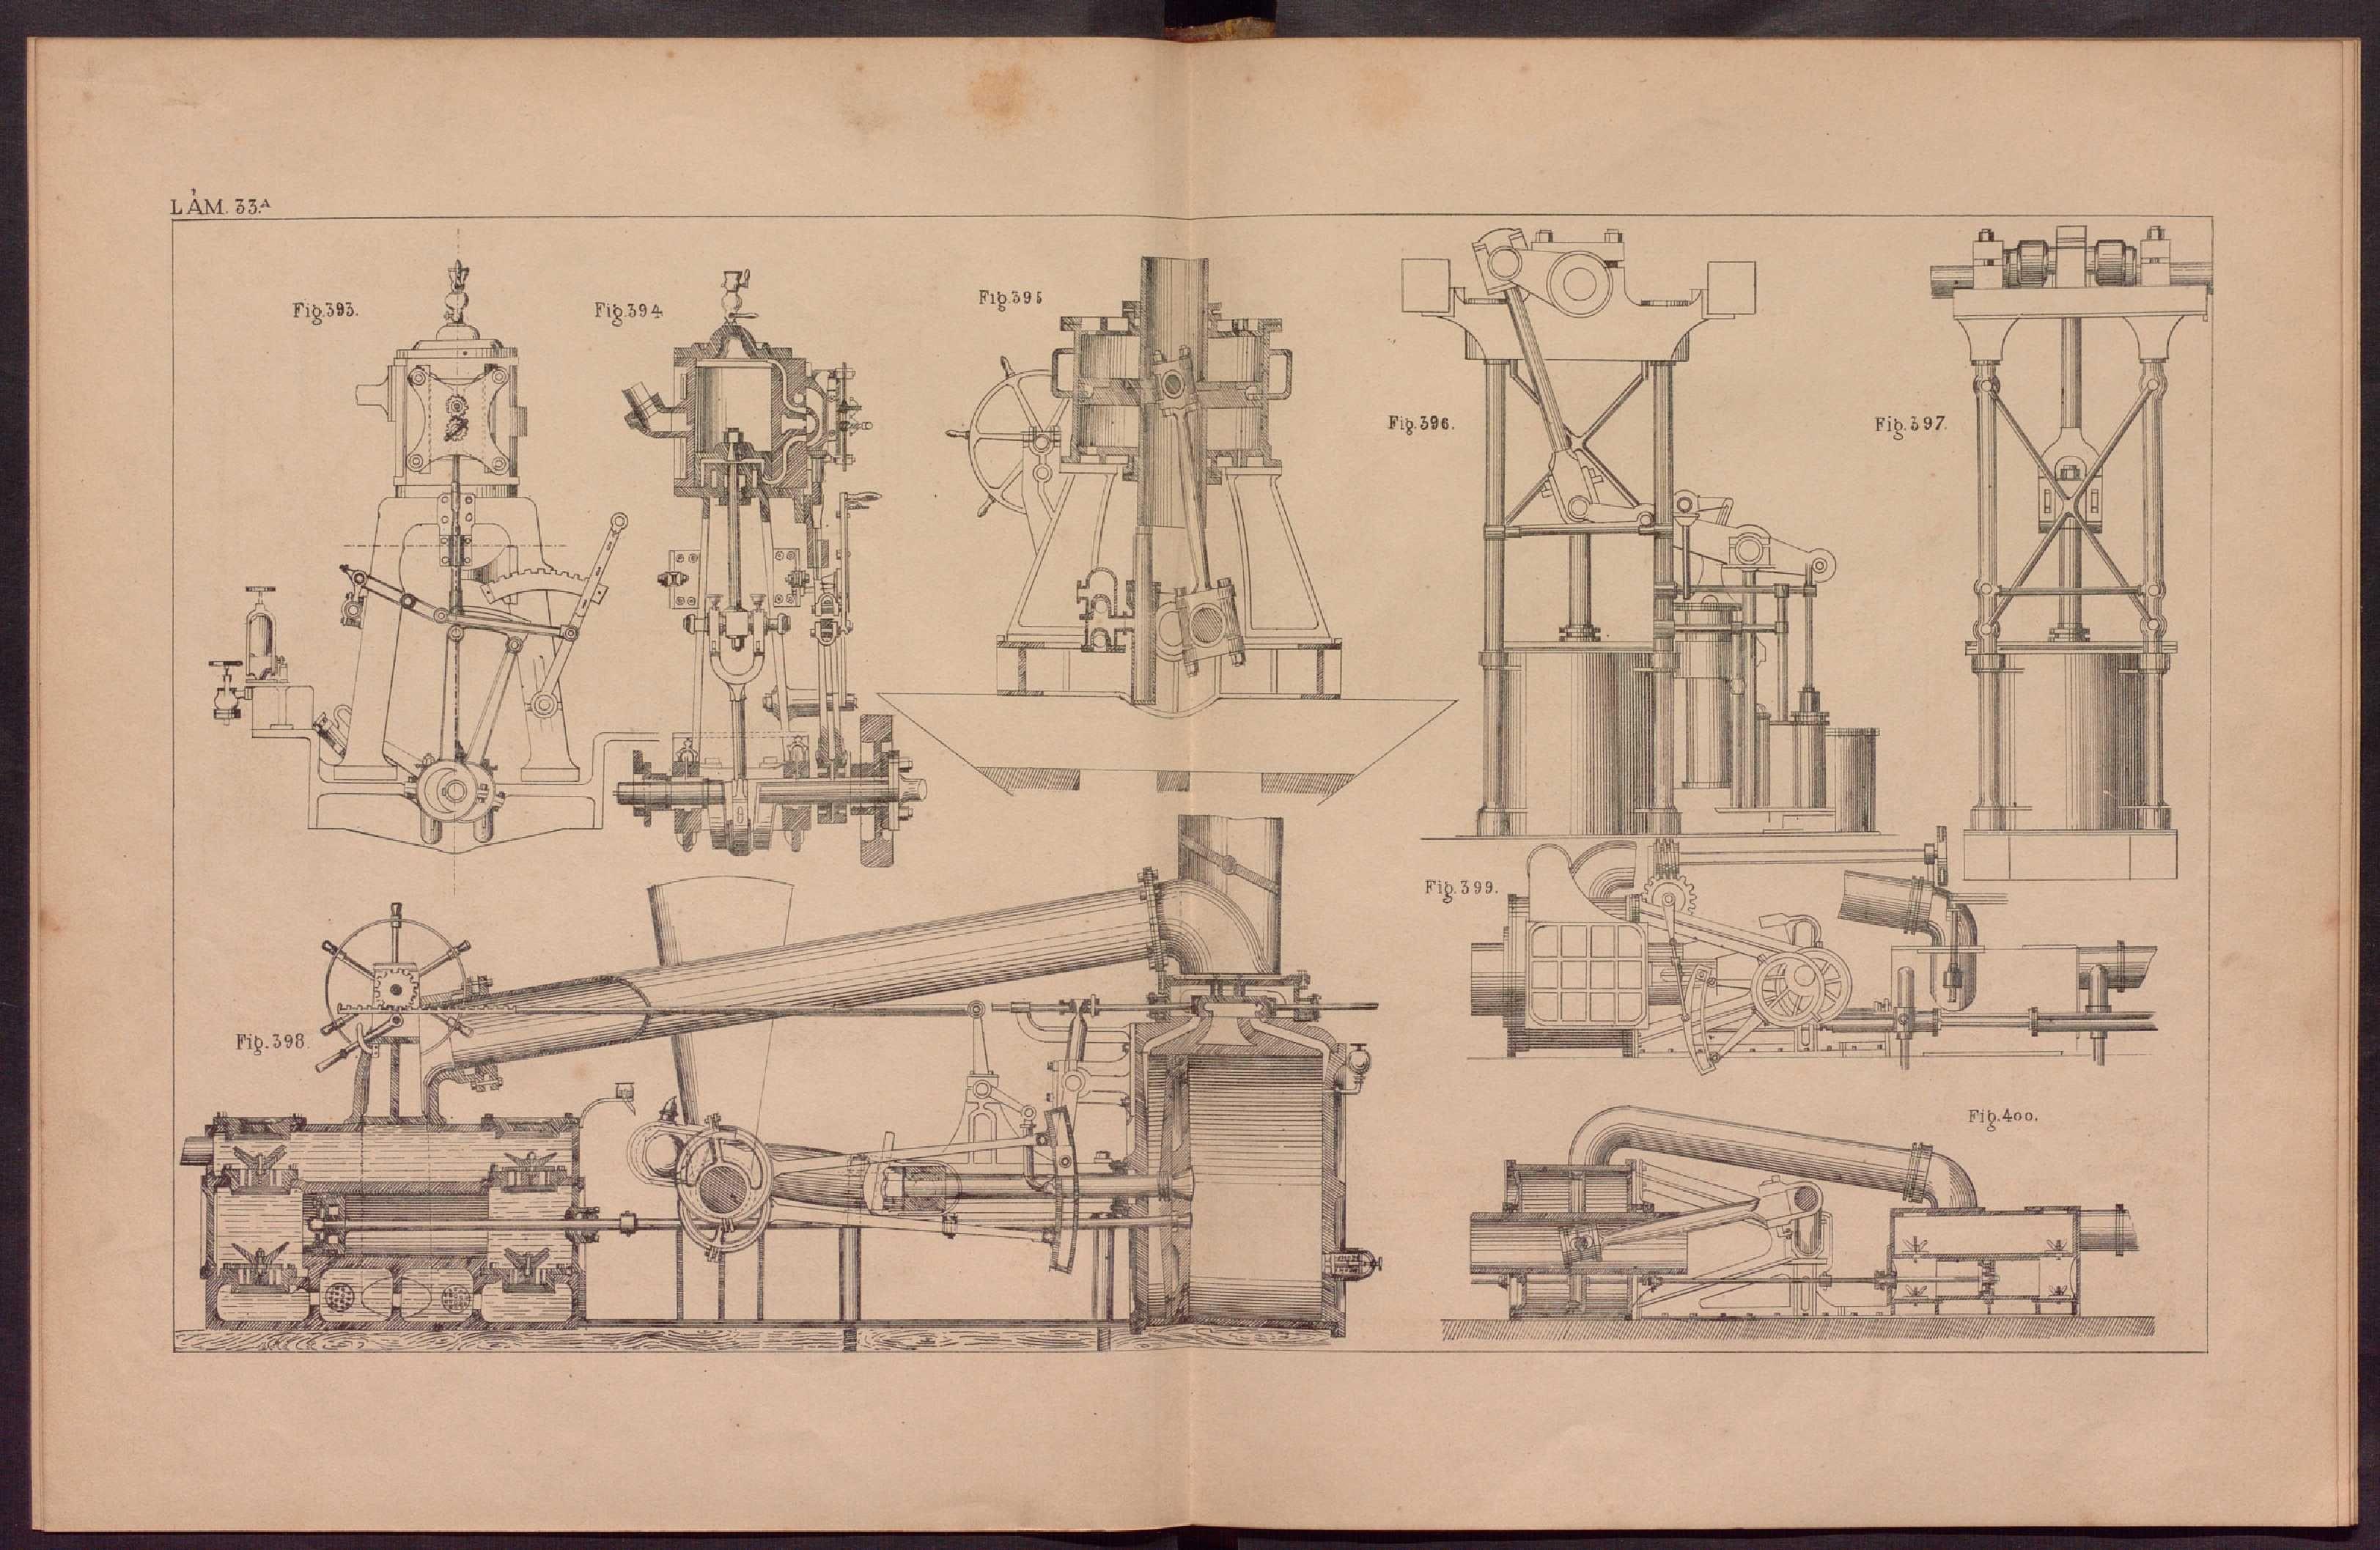 """Lámina 33 del Atlas – """"Catecismo de los maquinistas navales y terrestres"""" (1879-1881), de Santiago Barrera y Bodet."""